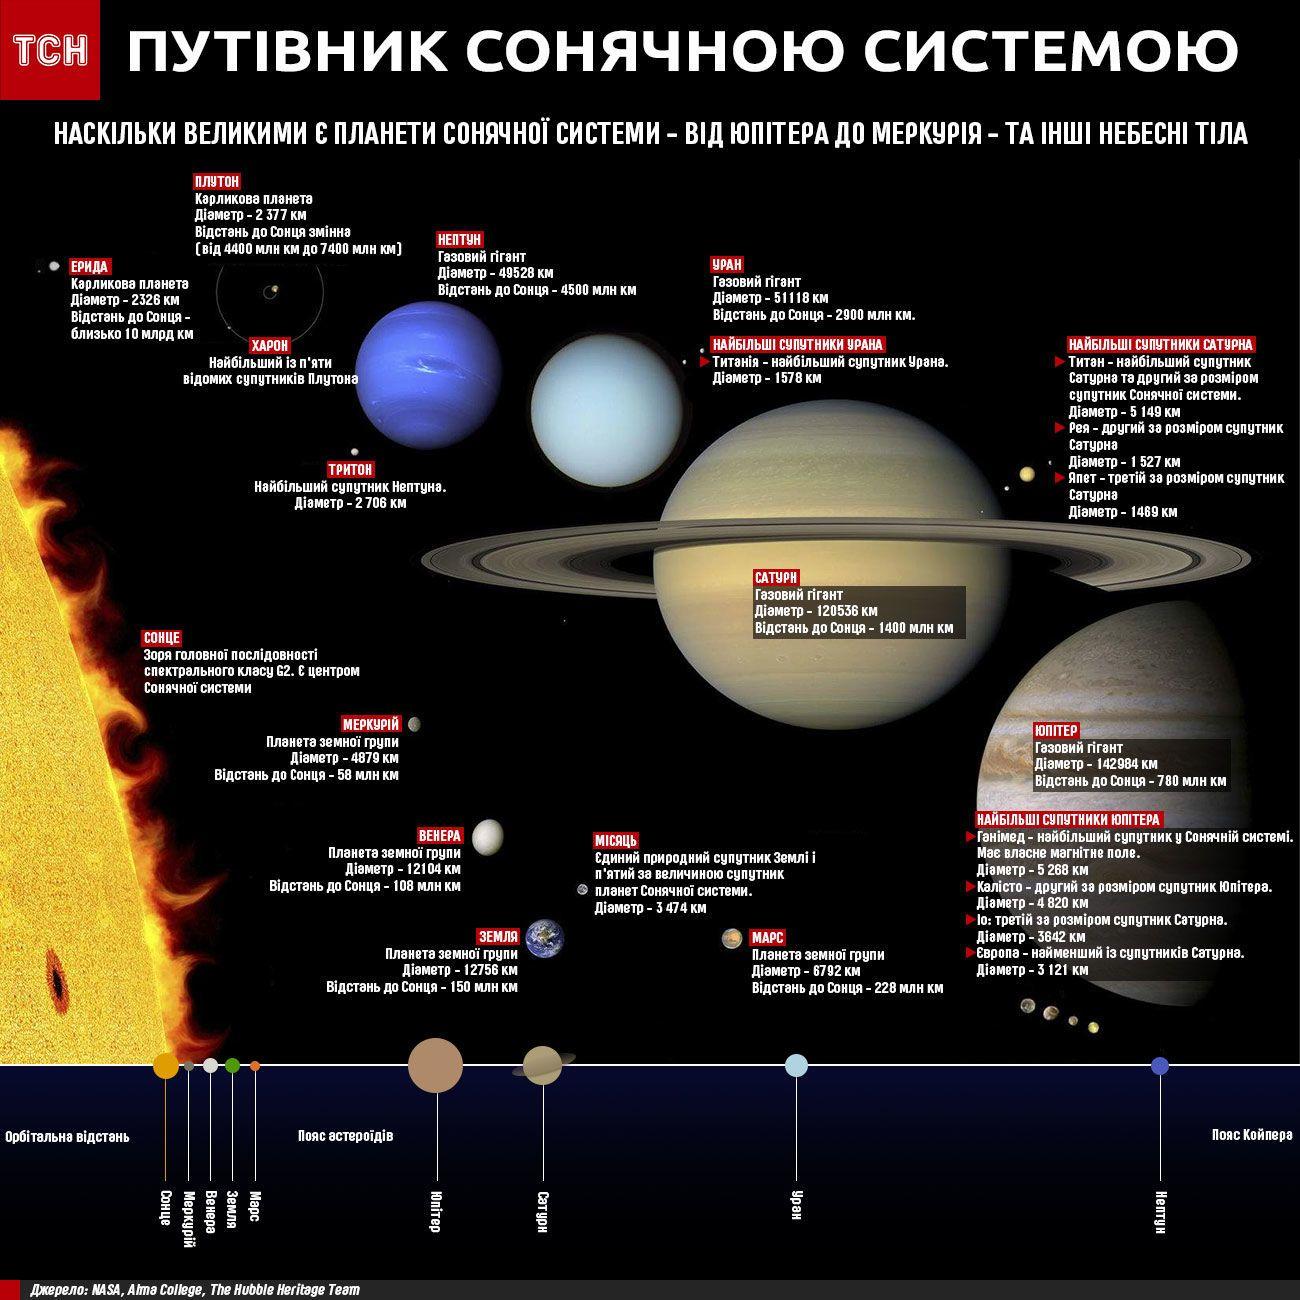 Путівник Сонячною системою інфографіка